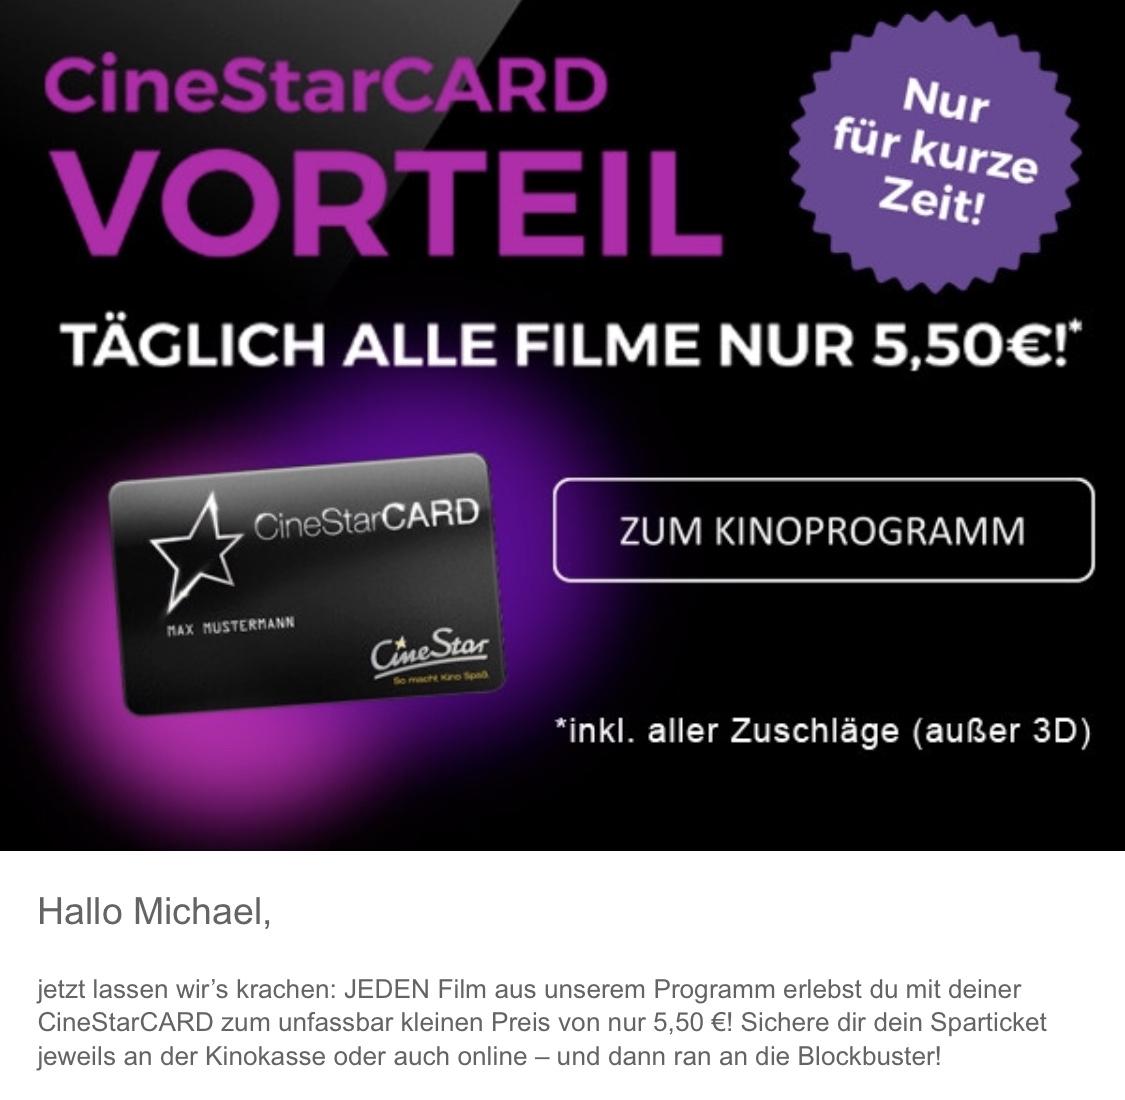 Lokal: Cinestar Bremen + Bielefeld - alle Filme für 5,50 Euro mit der Cinestar-Card